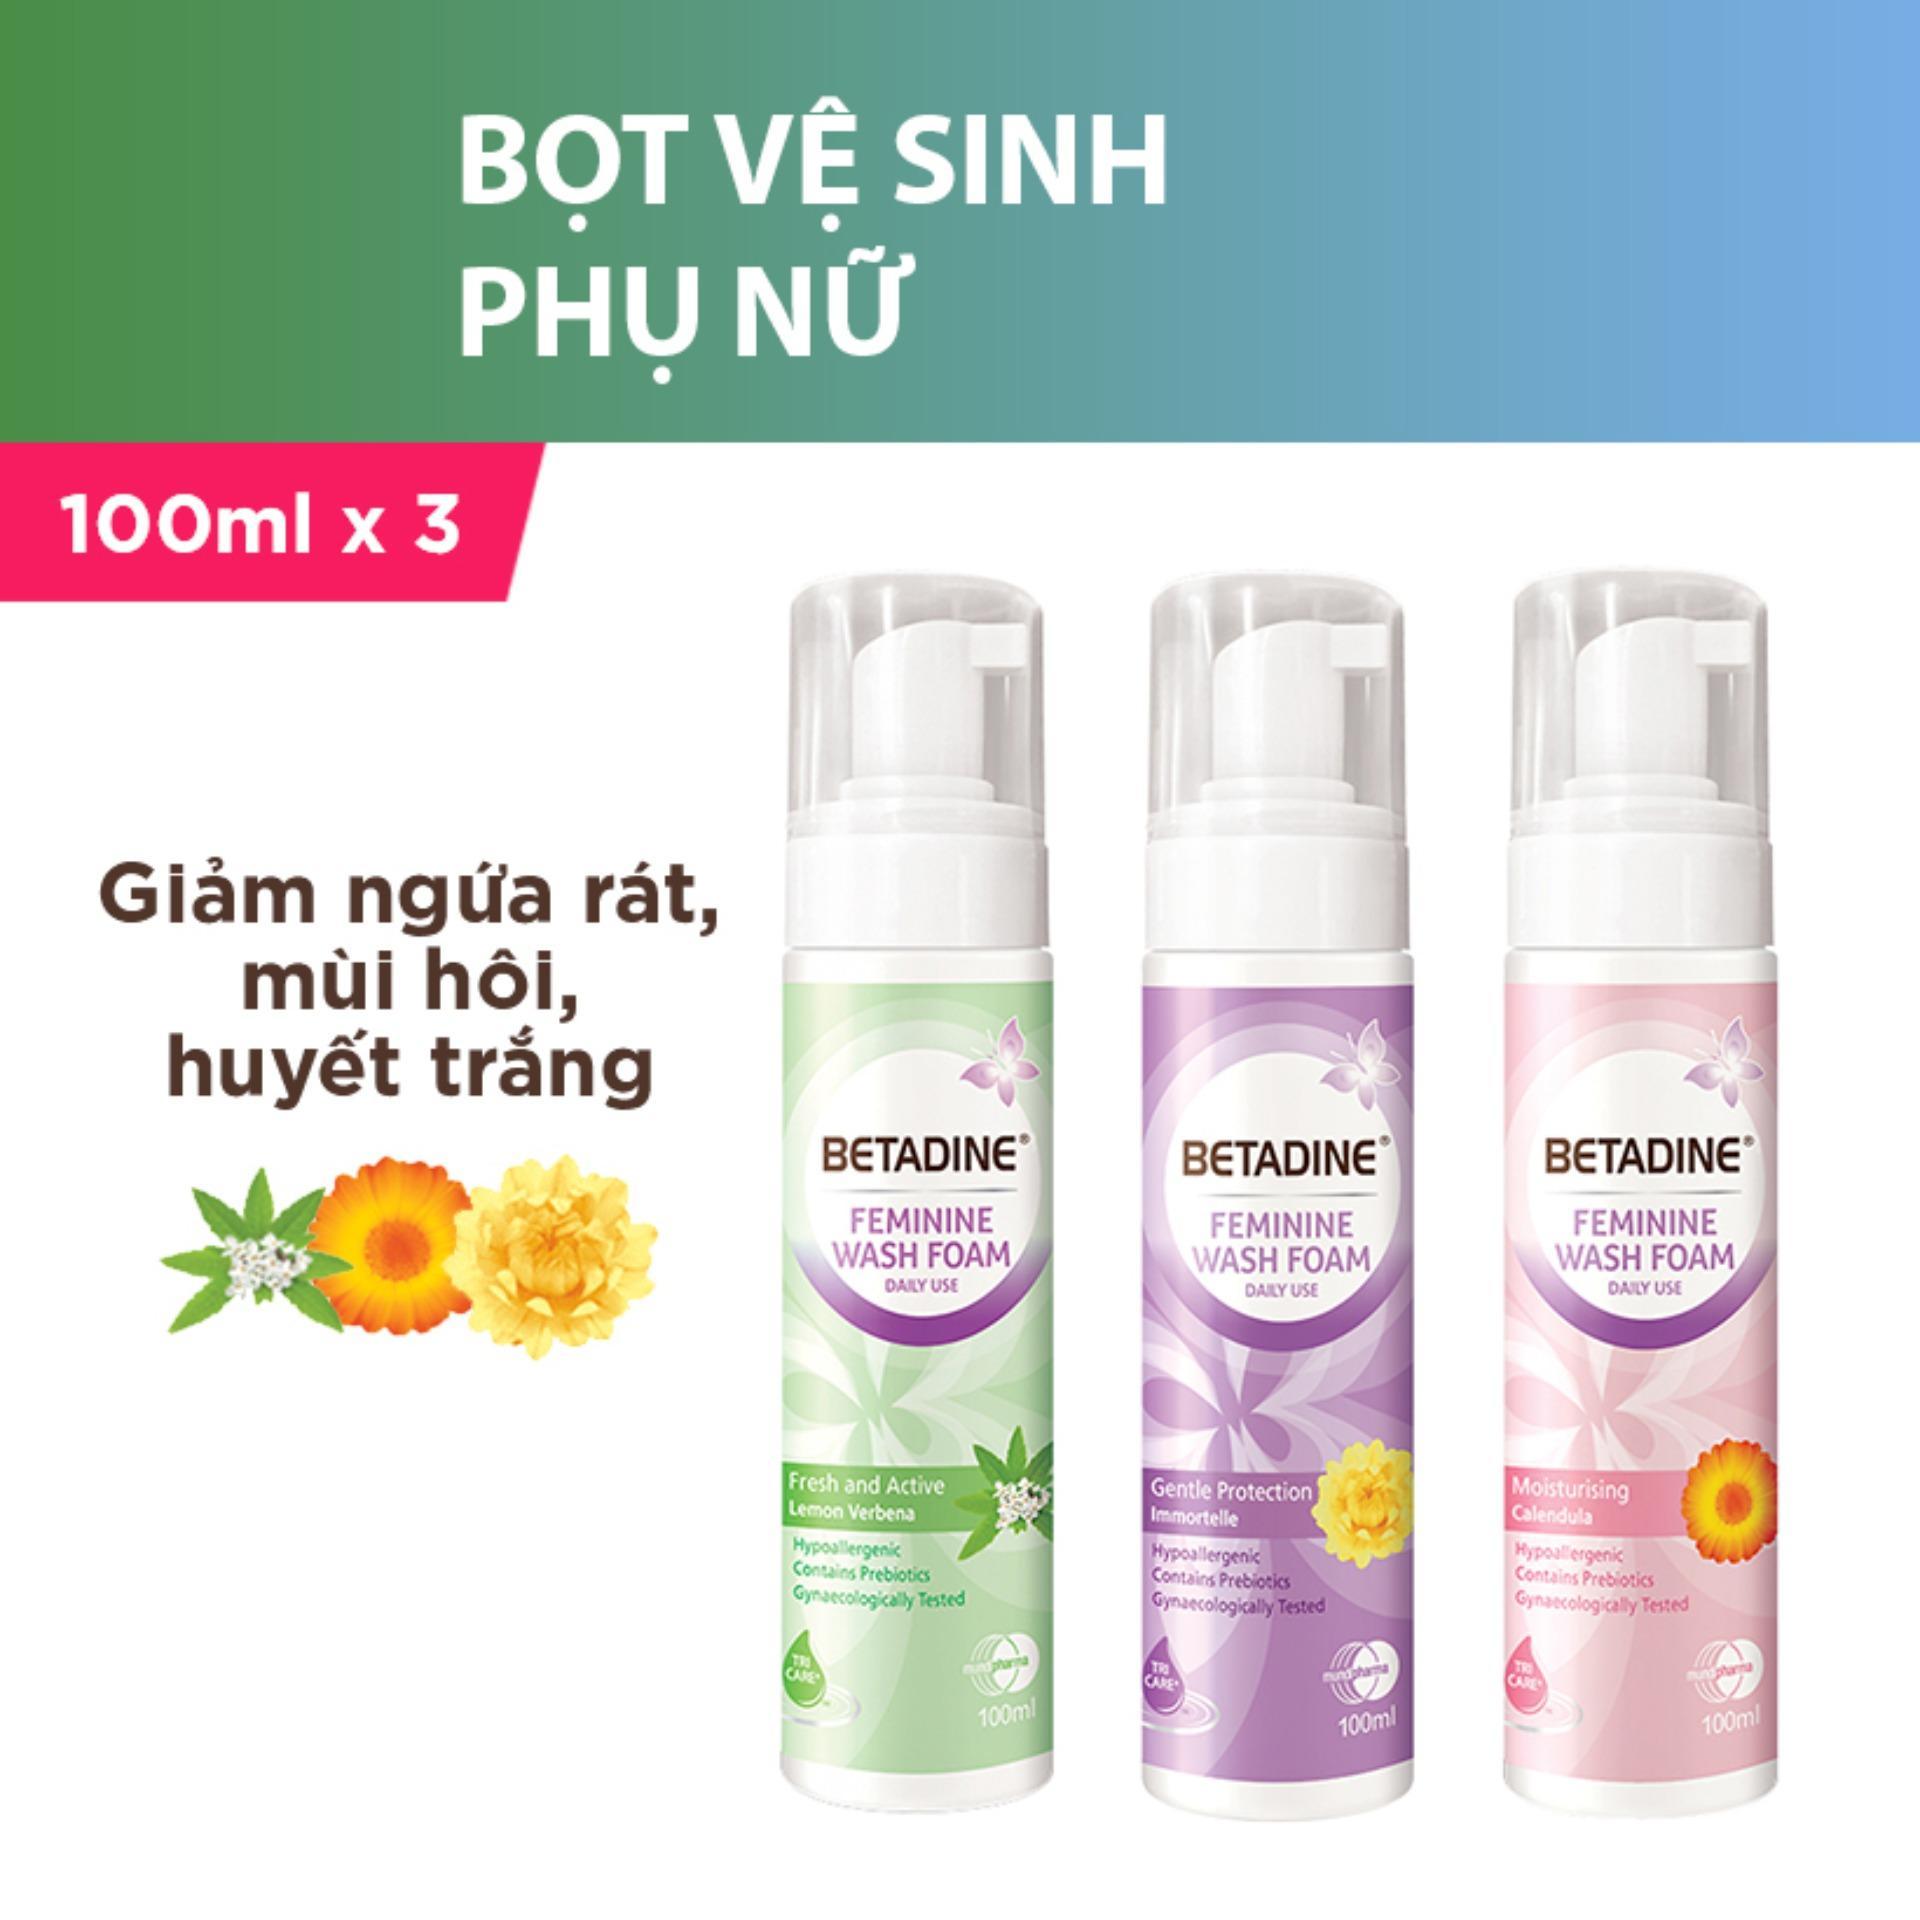 Bộ 3 chai Bọt vệ sinh phụ nữ 3 mùi (Tím, Hồng, Xanh)- chai 100ml cao cấp